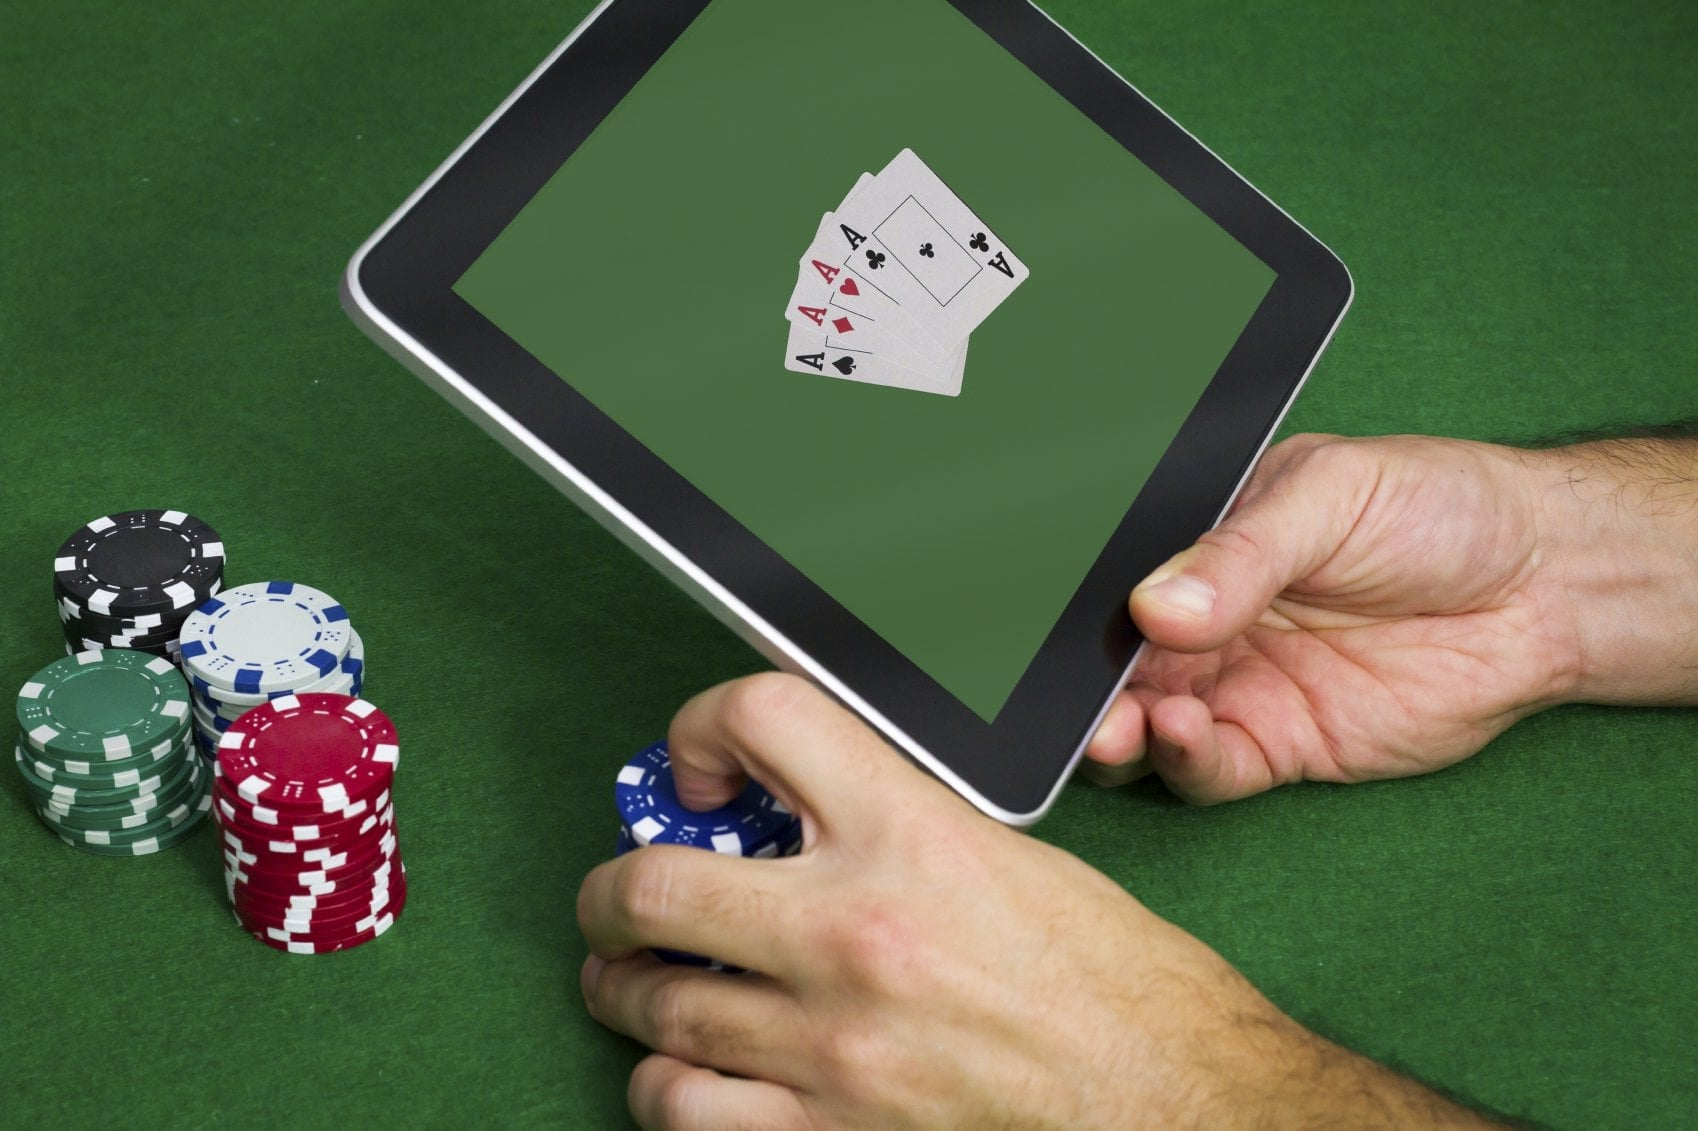 Agen Poker Deposit Minimal 10000 Terpercaya, Begini Cara Memilihnya